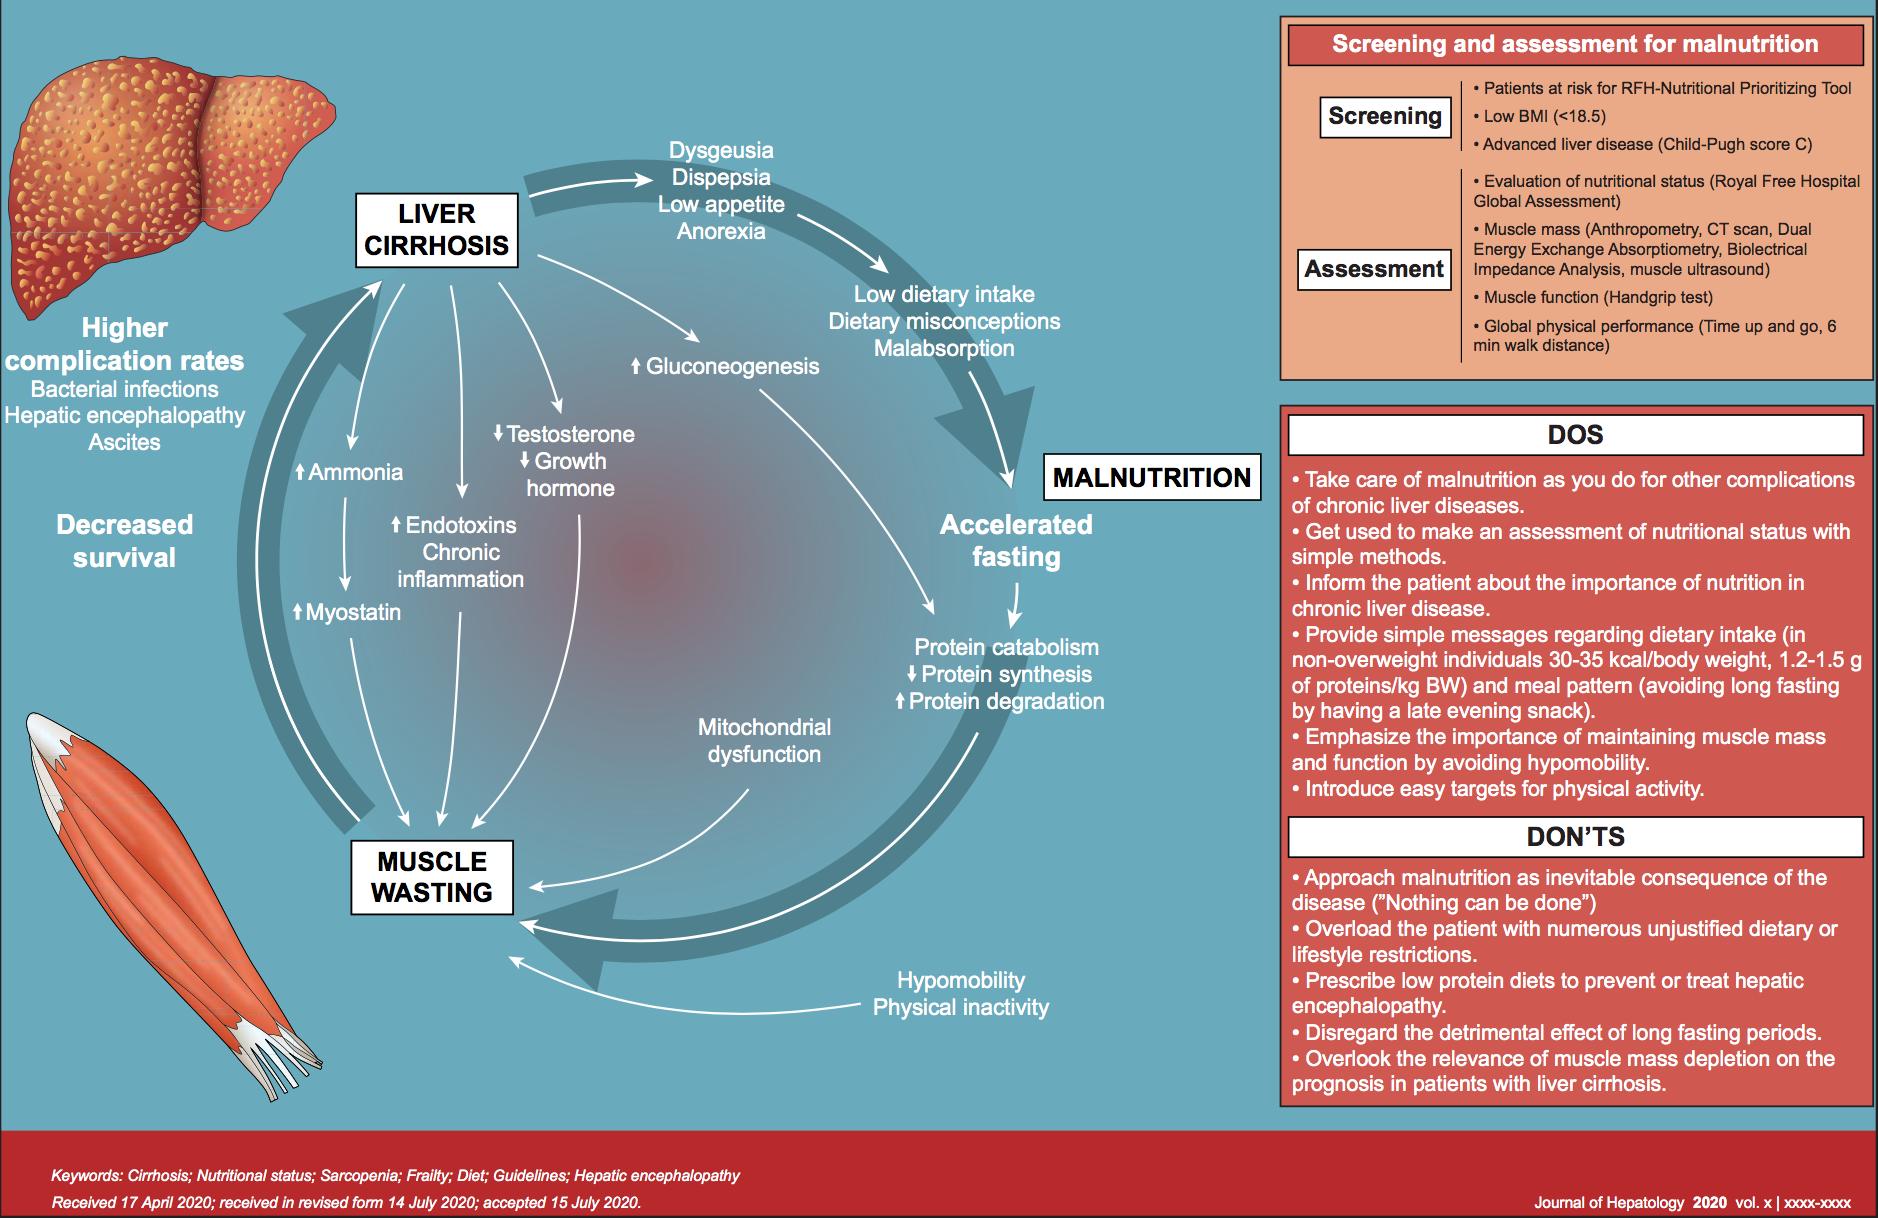 Nutrición en los pacientes con cirrosis: lo que se debe y lo que no se debe hacer